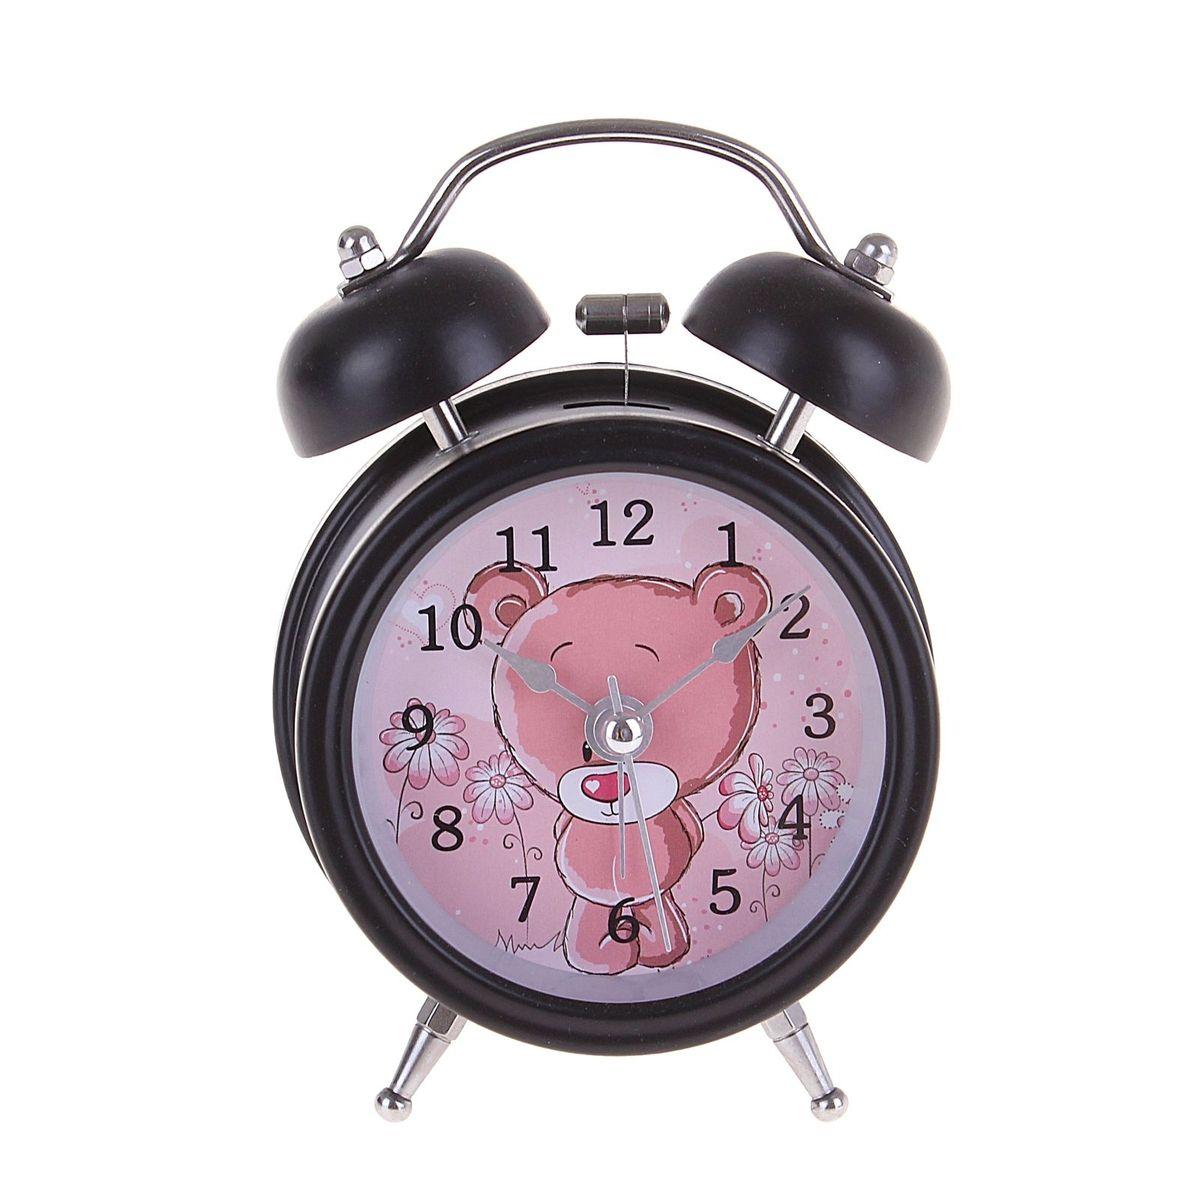 Будильник d=8см 2 звоночка на циферблате Мишка-стесняшка, цвет: черный. 127199